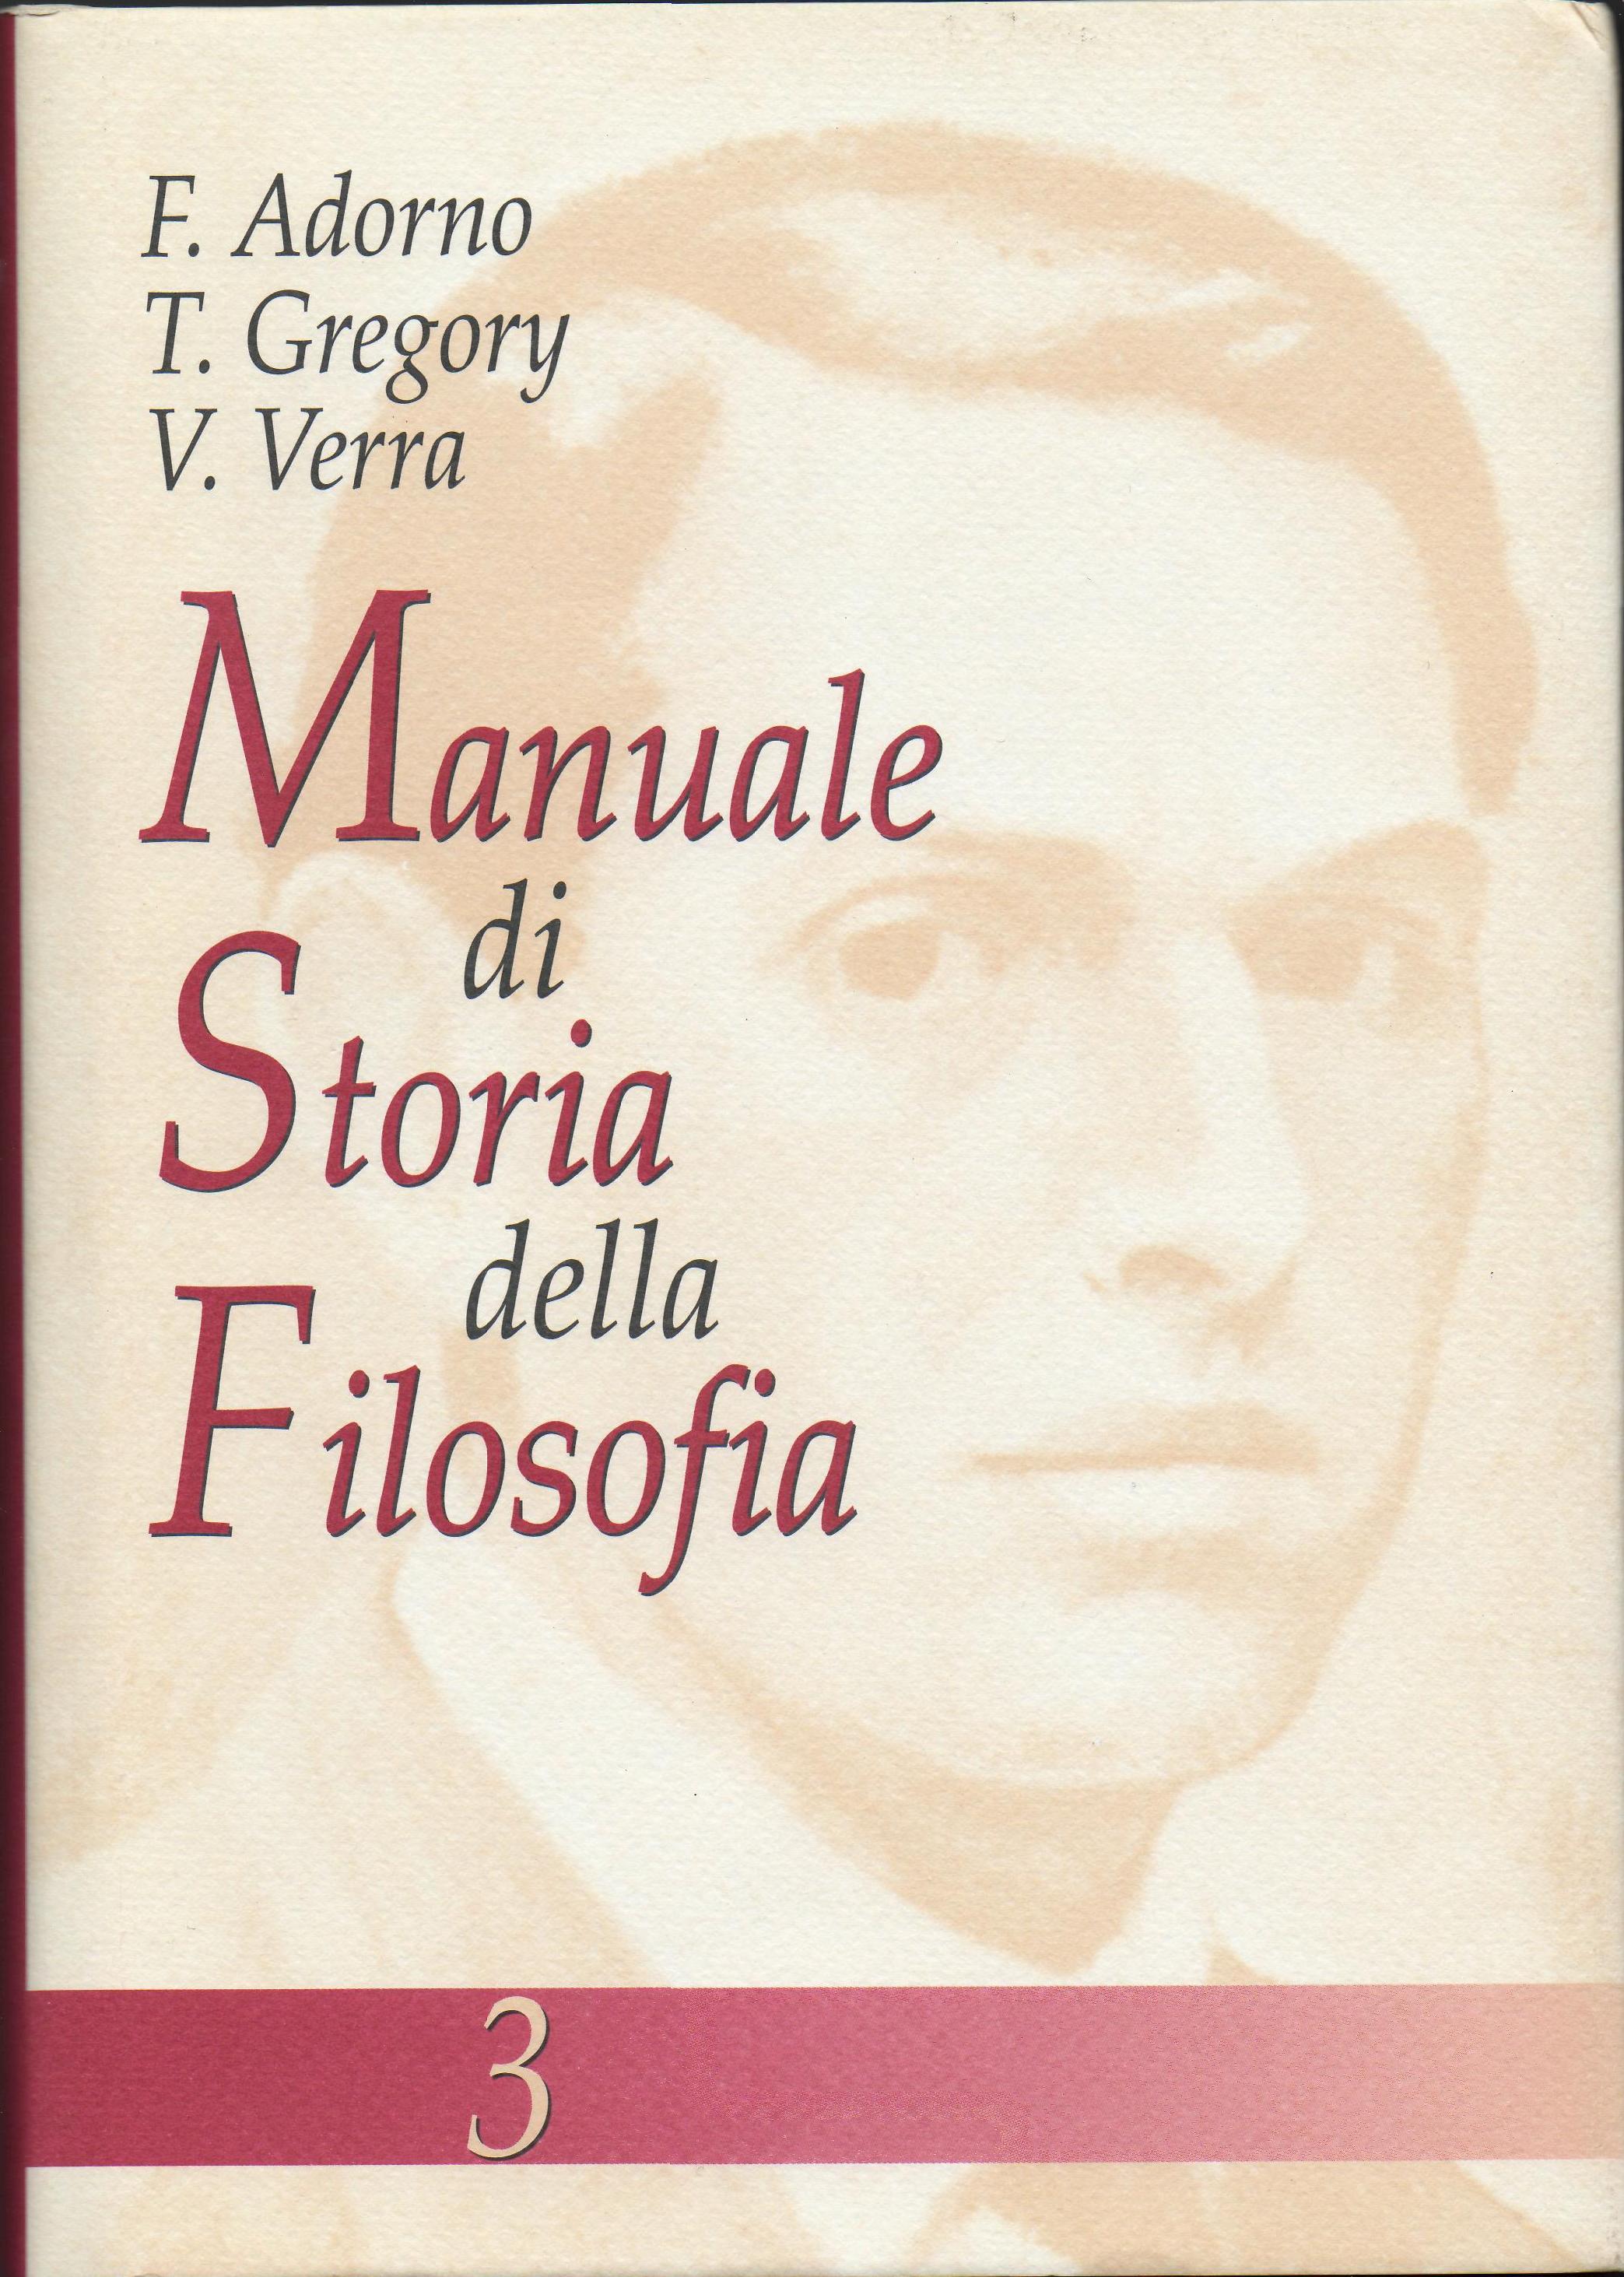 Manuale di storia della filosofia III